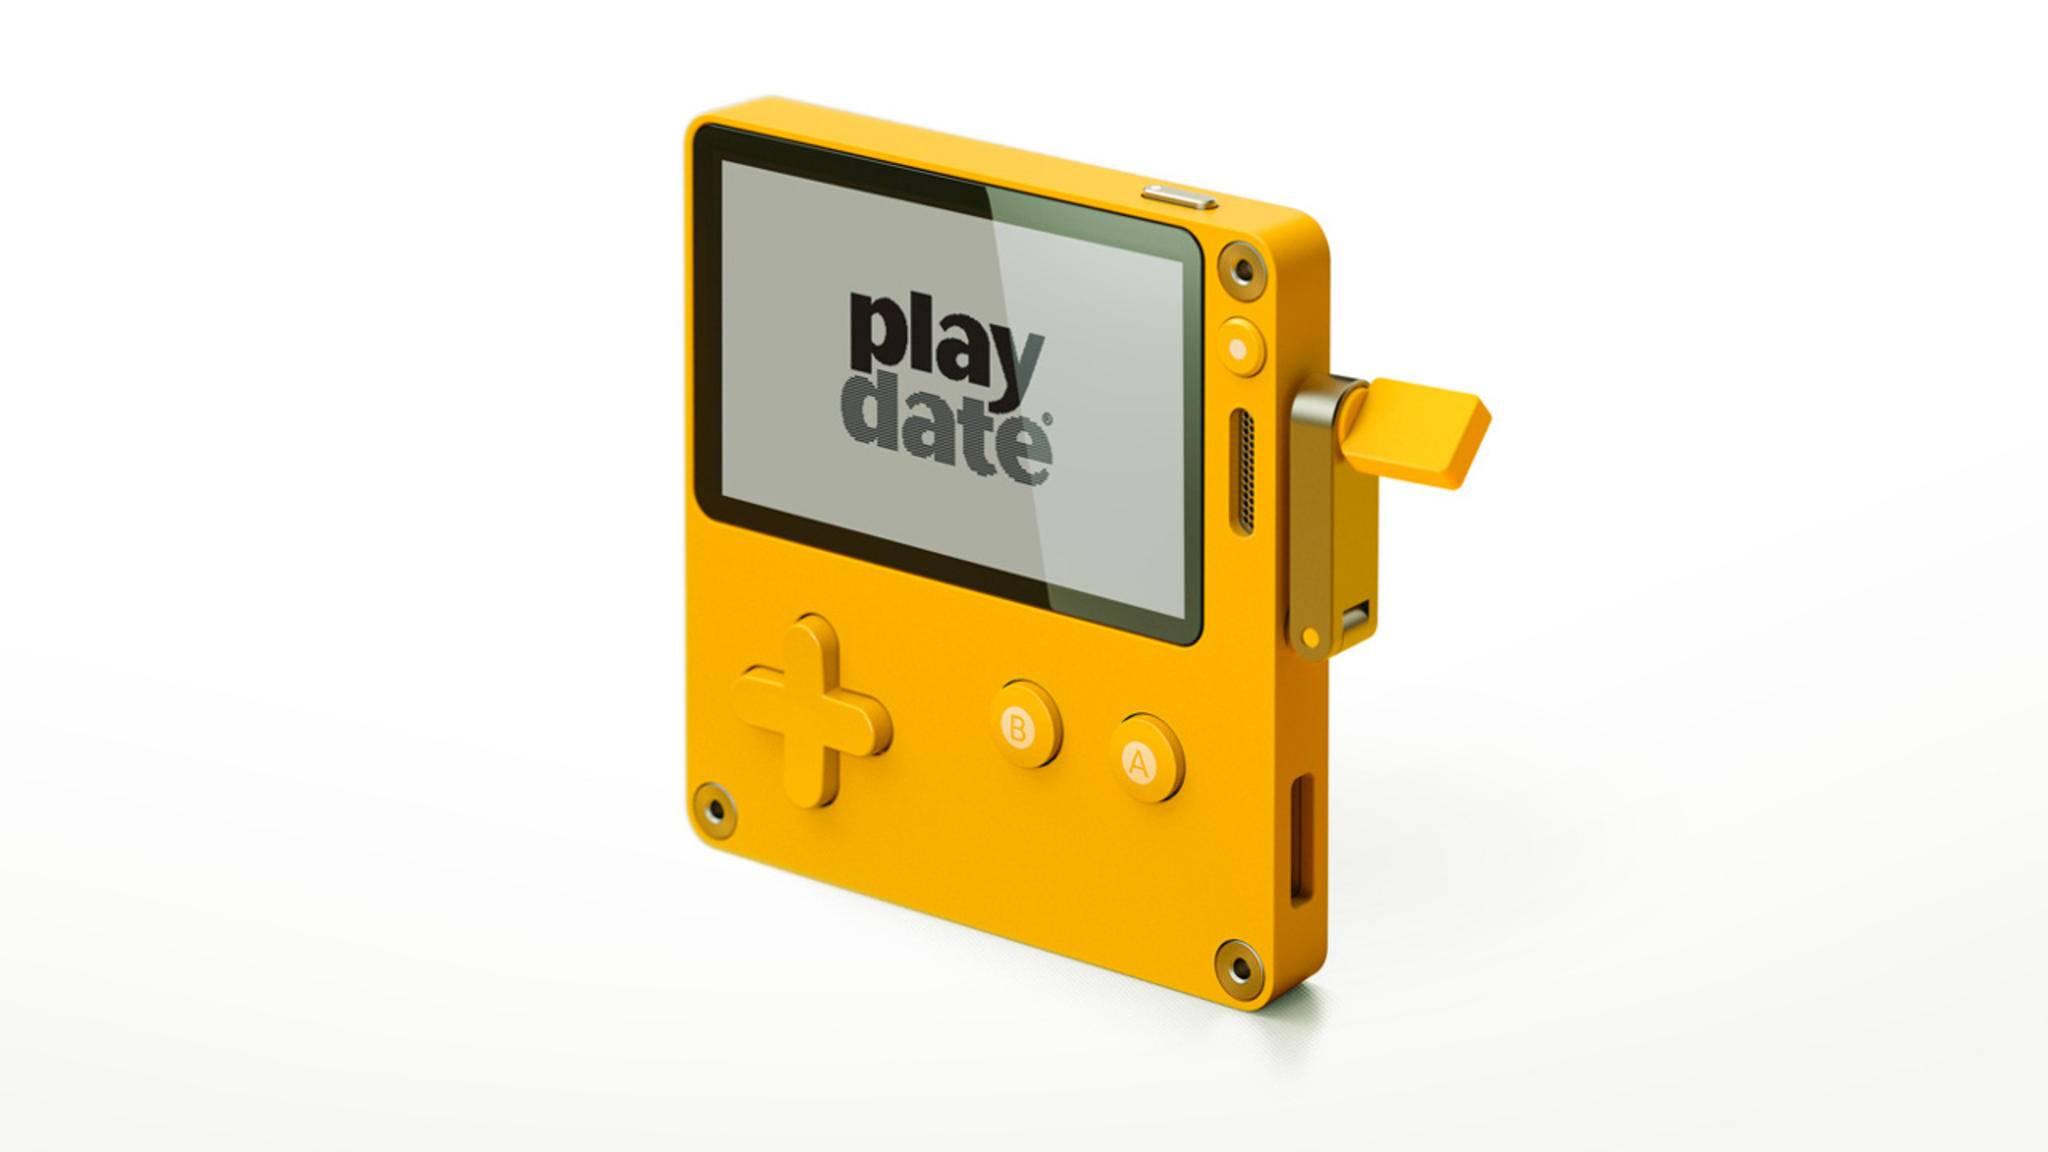 Klein, gelb, mit Kurbel: Playdate.